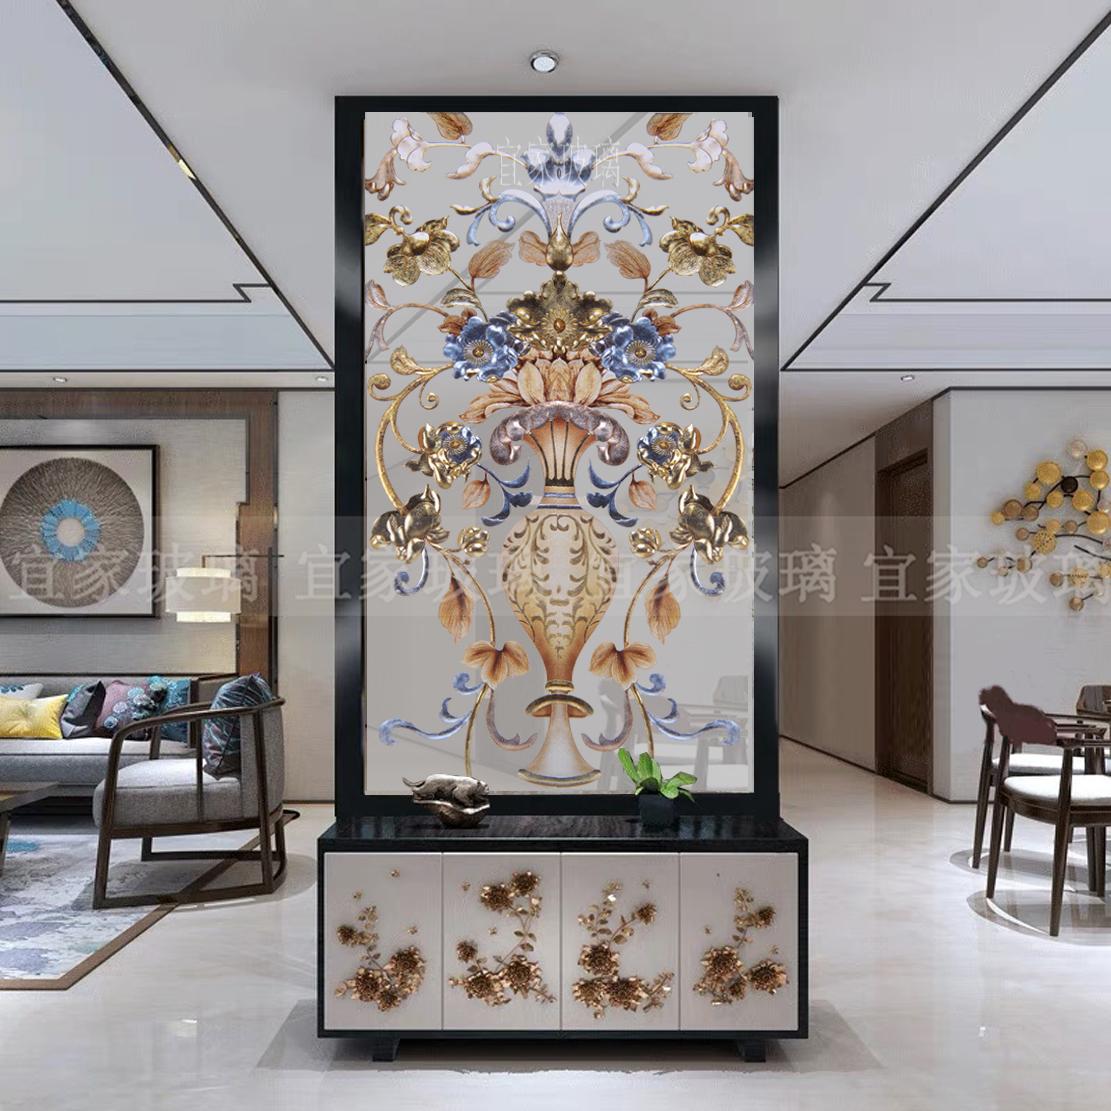 艺术玻璃玄关背景墙简欧美式现代隔断屏风鞋柜上轻奢双面深雕上海